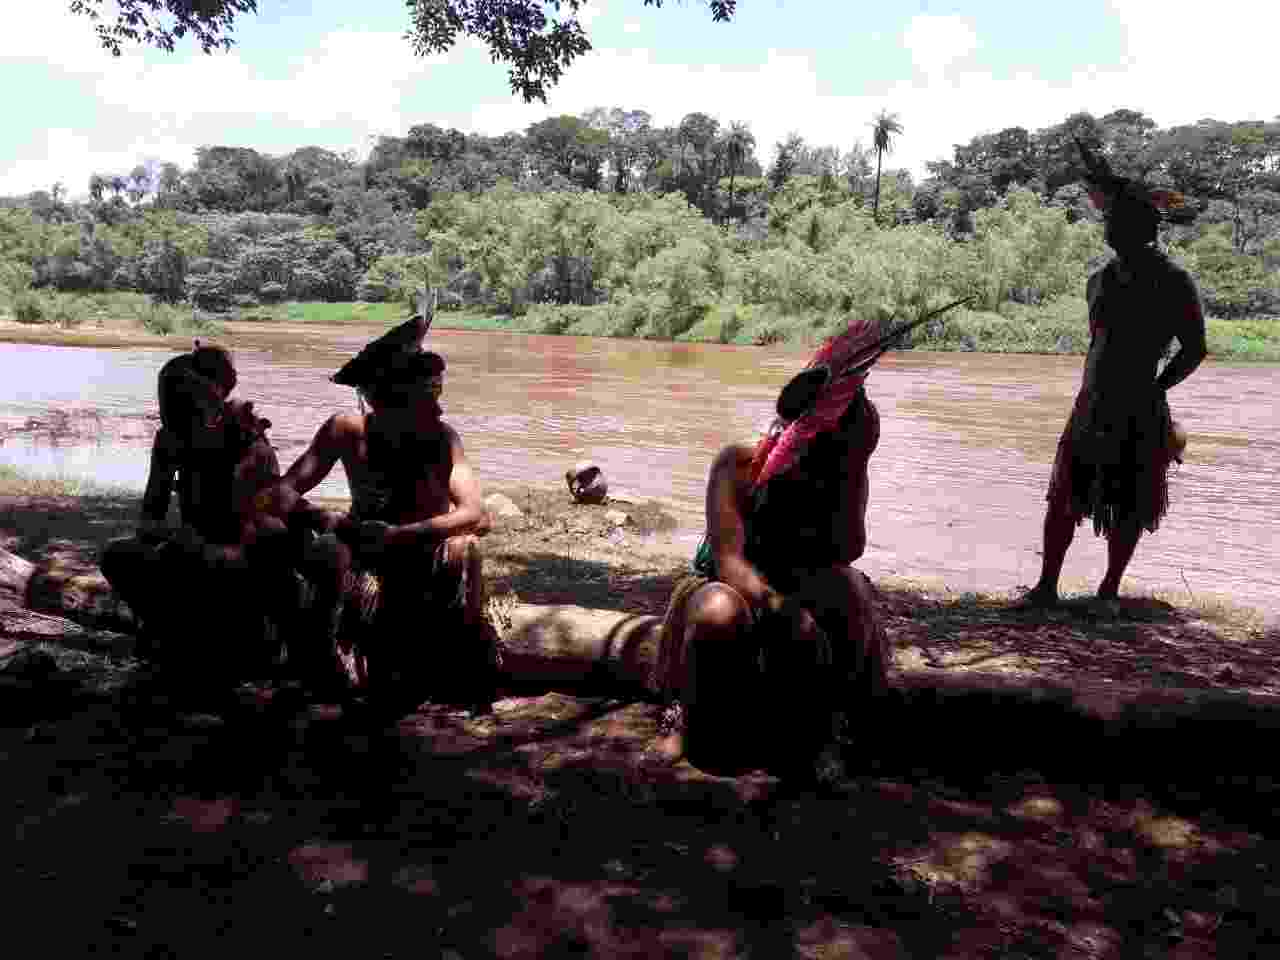 Índios observam rio Paraopeba contaminado pela lama que vazou da barragem da Vale em Brumadinho - Diego Toledo / Colaboração para o UOL